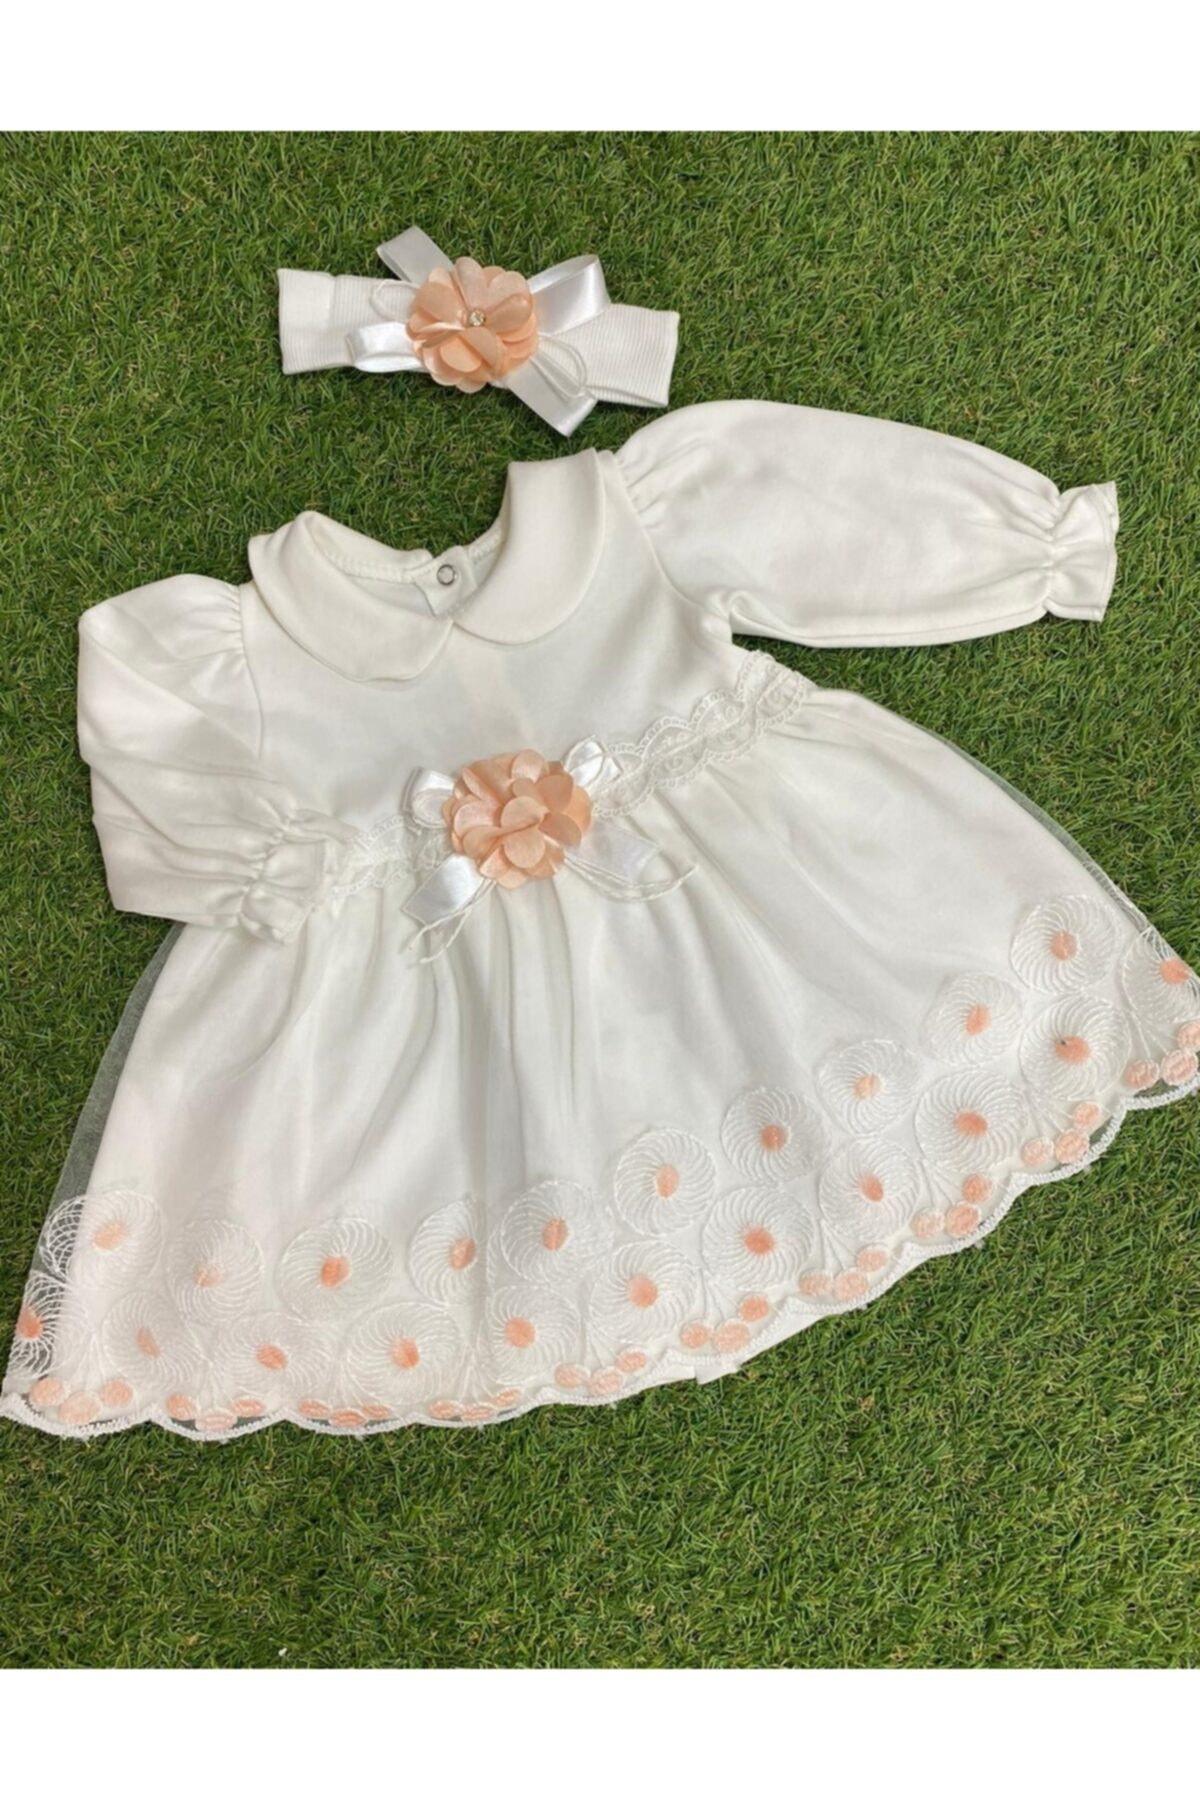 Kız Bebek Ekru Desenli Tül Etekli Çiçekli Penye Elbise